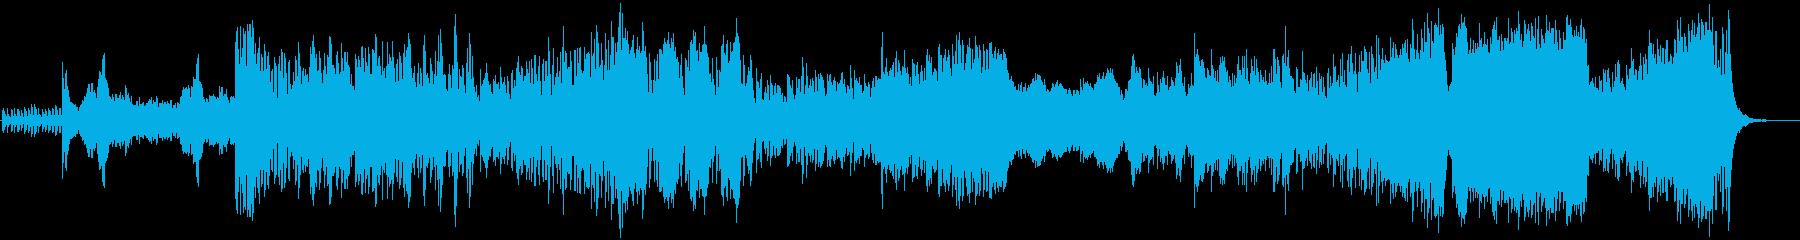 緊張感のあるアップテンポなオーケストラ改の再生済みの波形